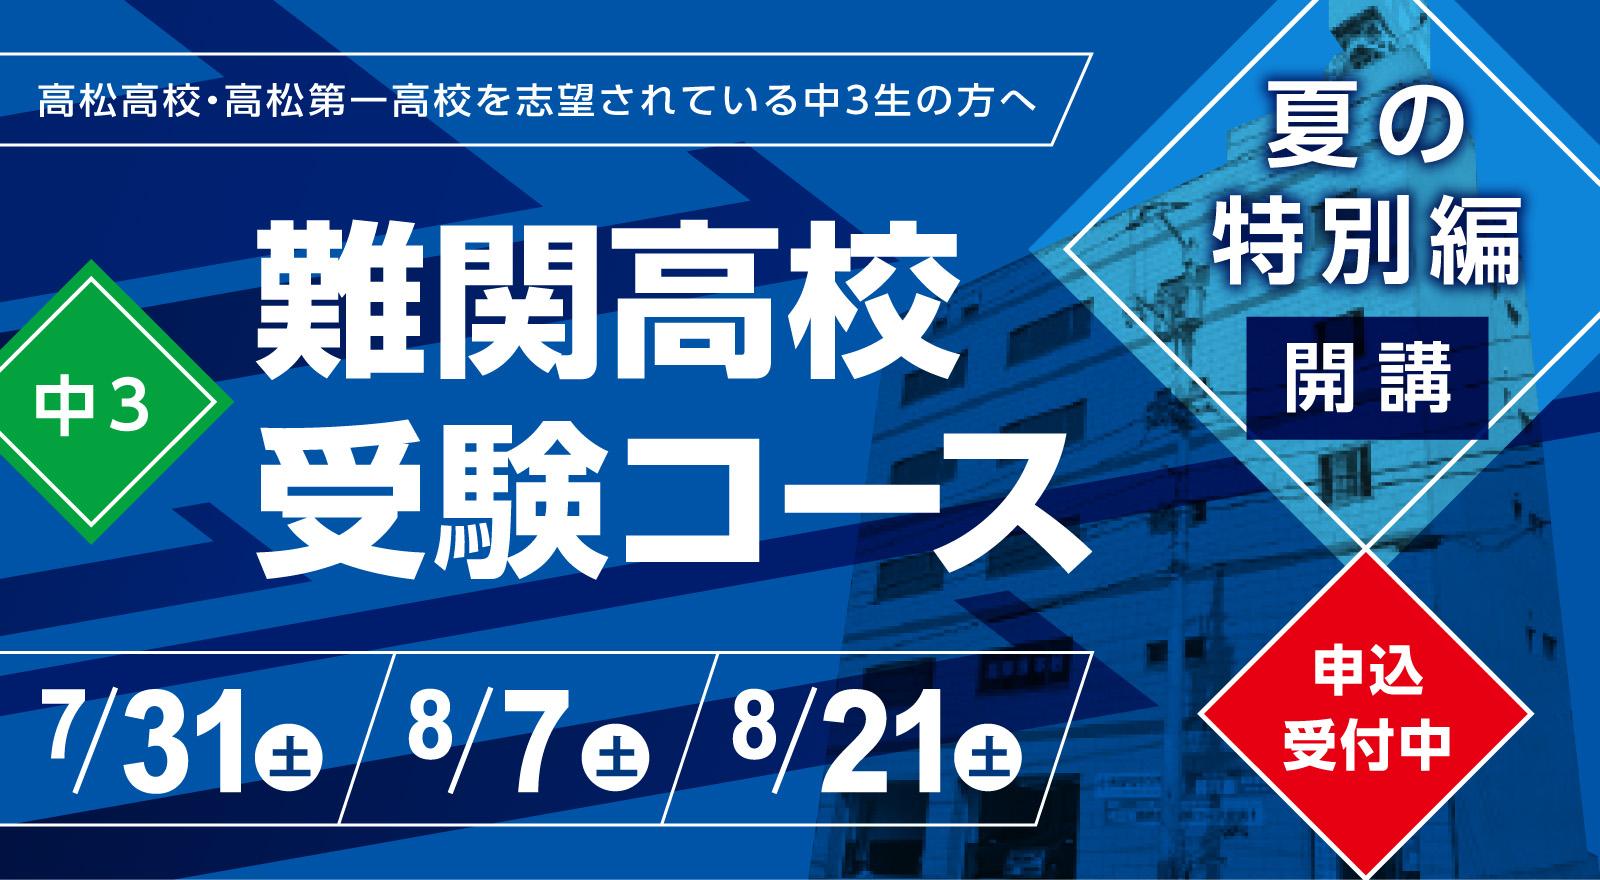 難関コース夏の特別編 難関高校受験コース